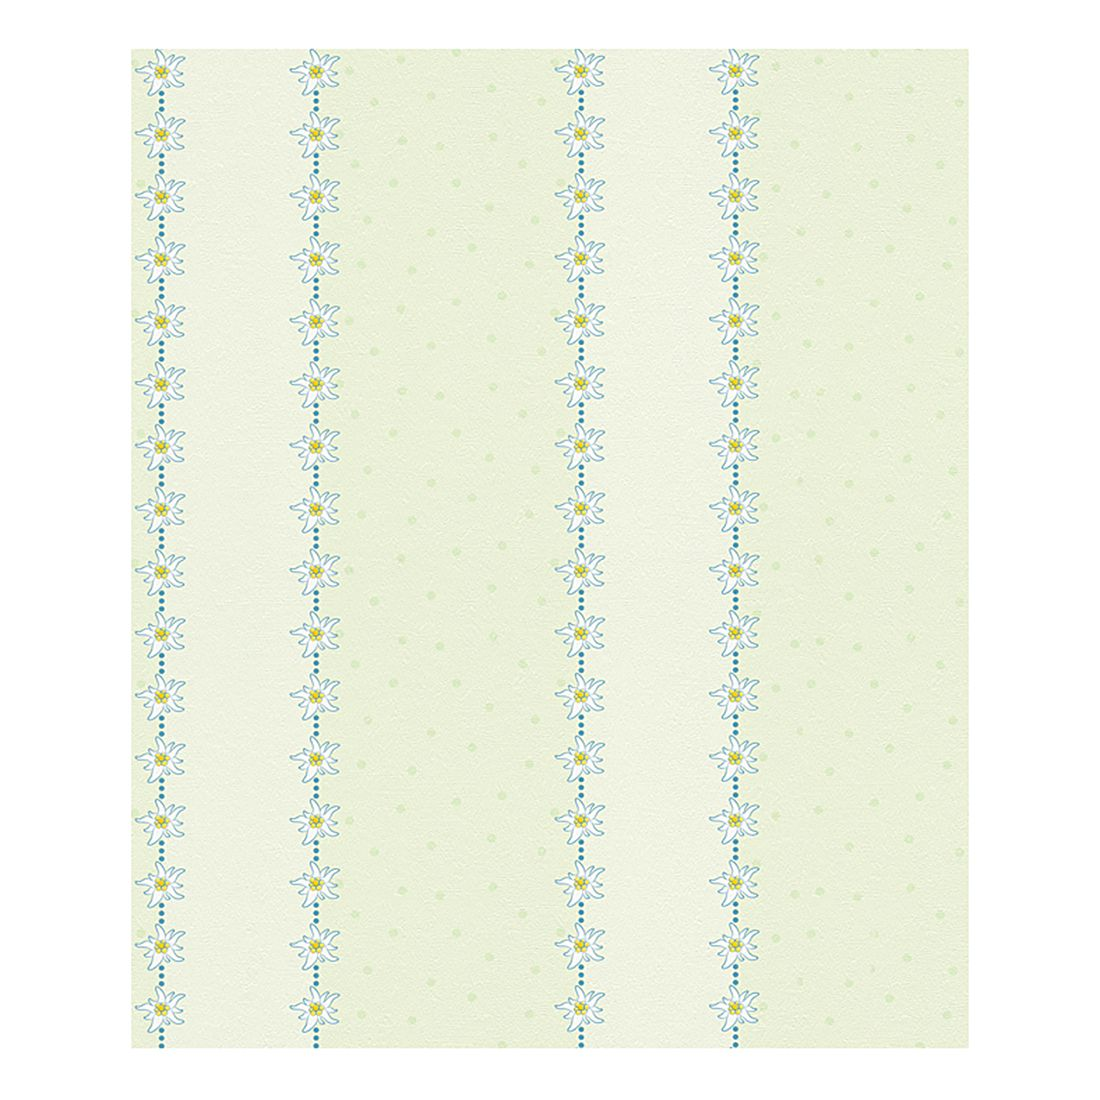 Papiertapete Heidi – pastellgrün – pastellblau – weiß – orange – fein strukturiert, Home24Deko kaufen